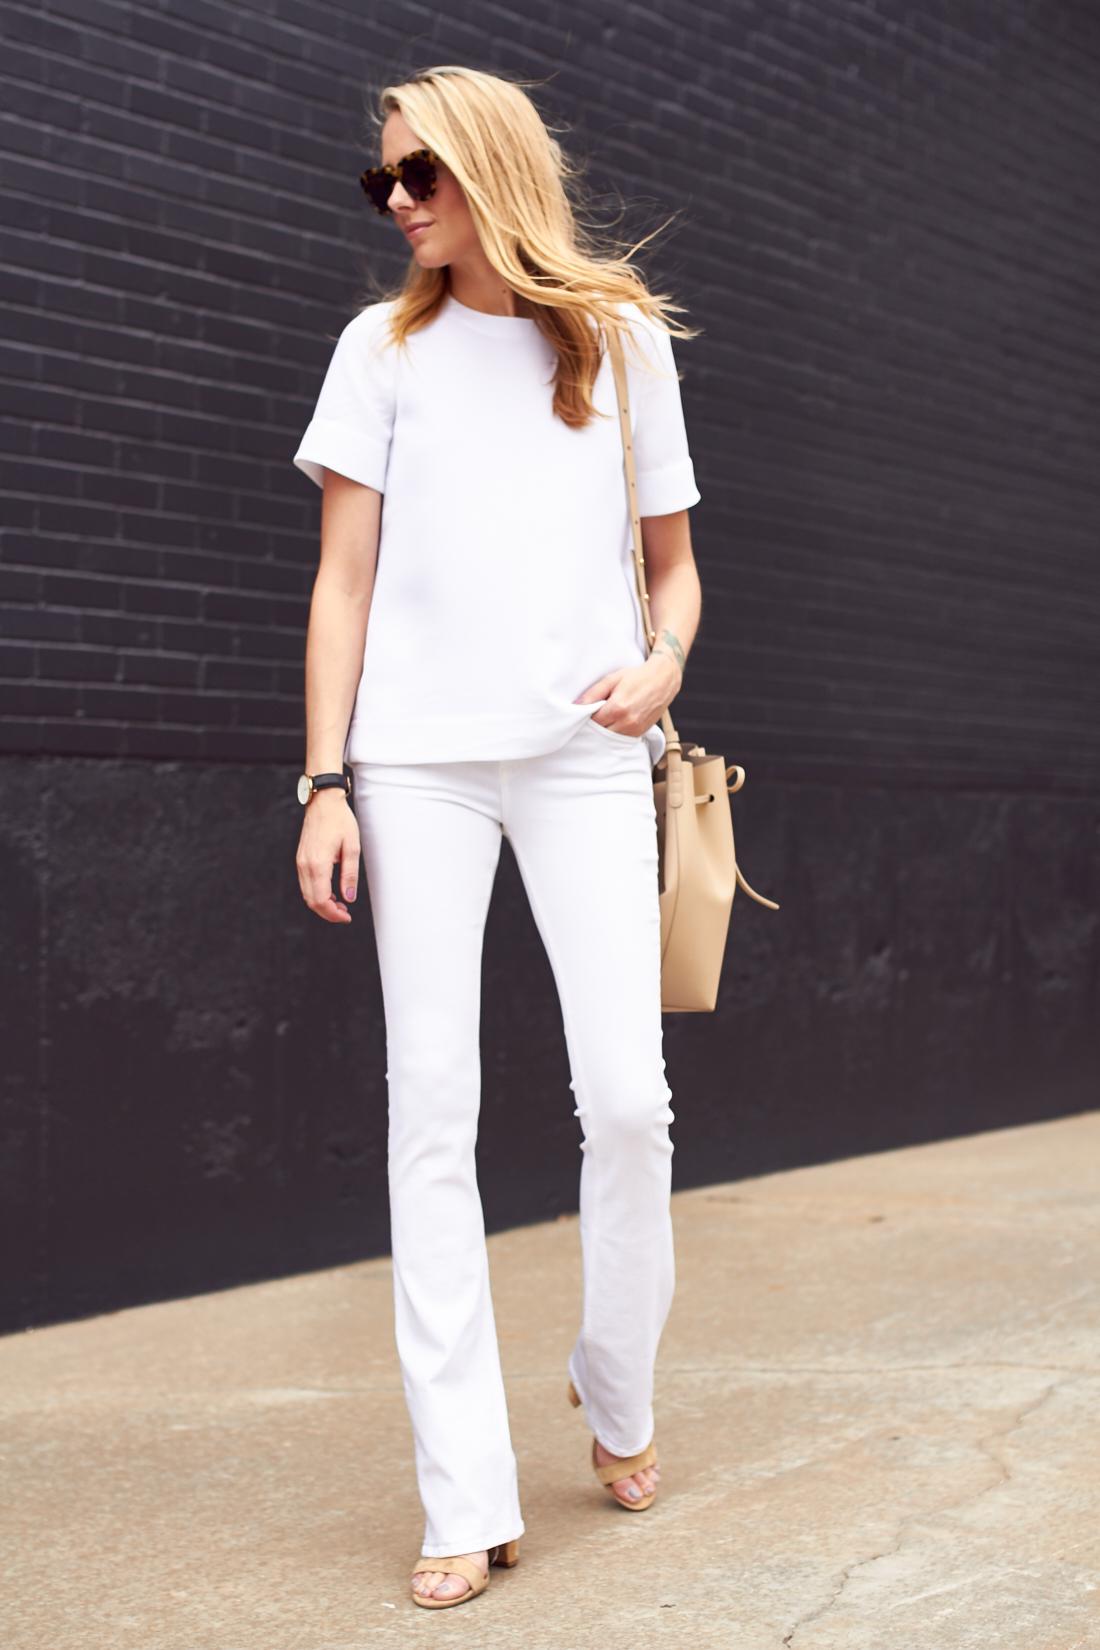 SPRING WHITE | Fashion Jackson